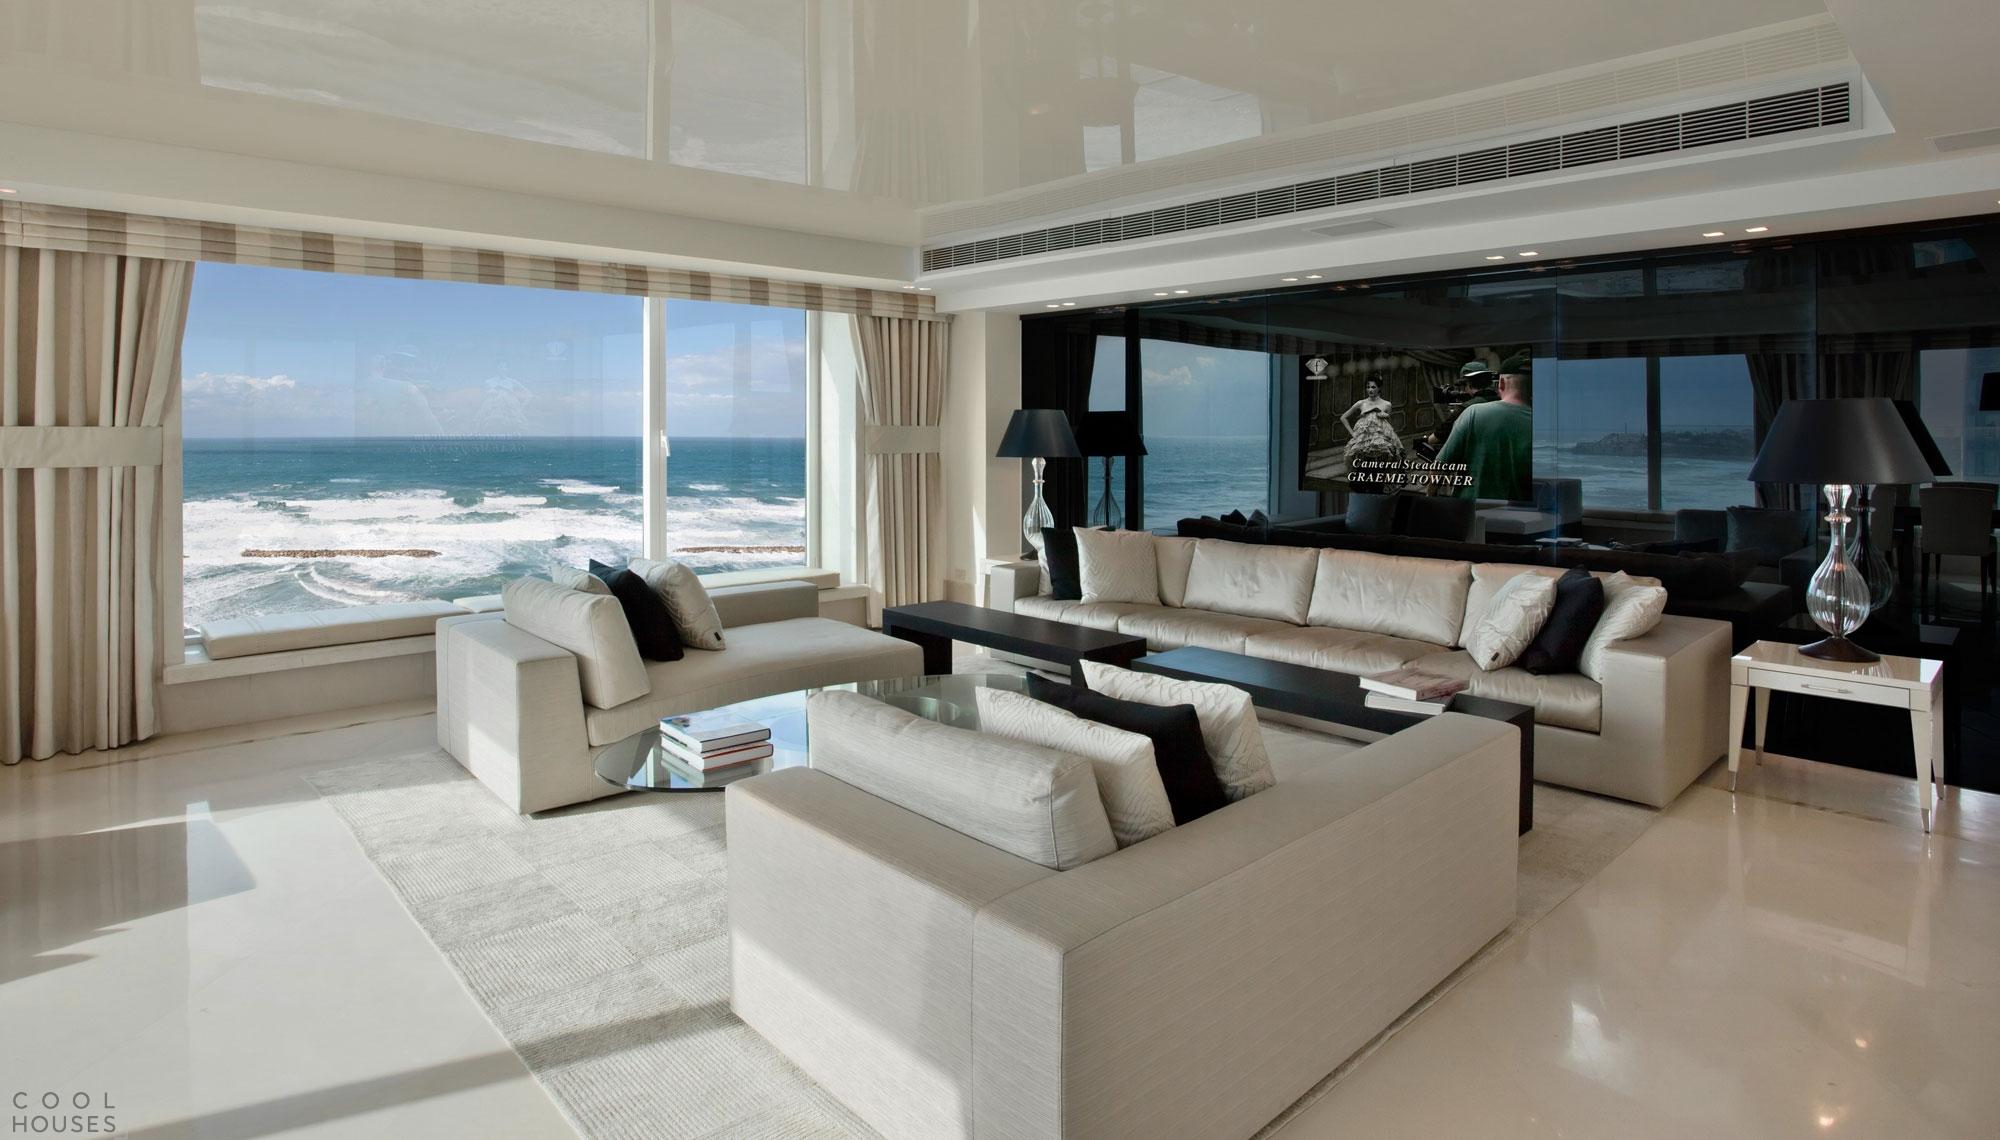 Роскошная городская квартира на берегу Средиземного моря в Тель-Авиве